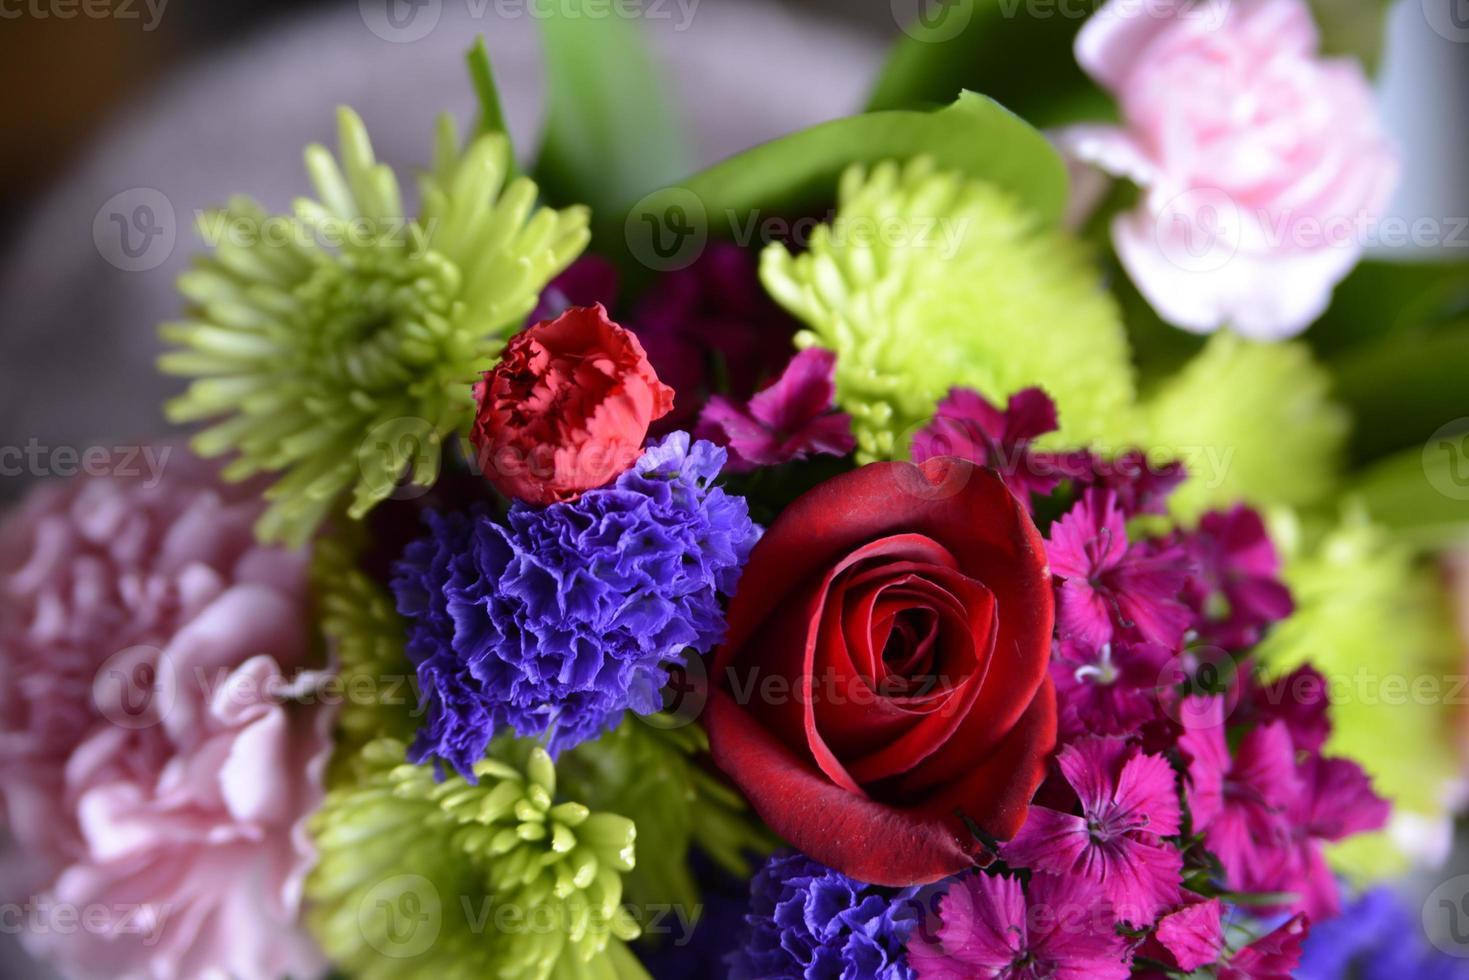 bloemboeketten met rode roos foto